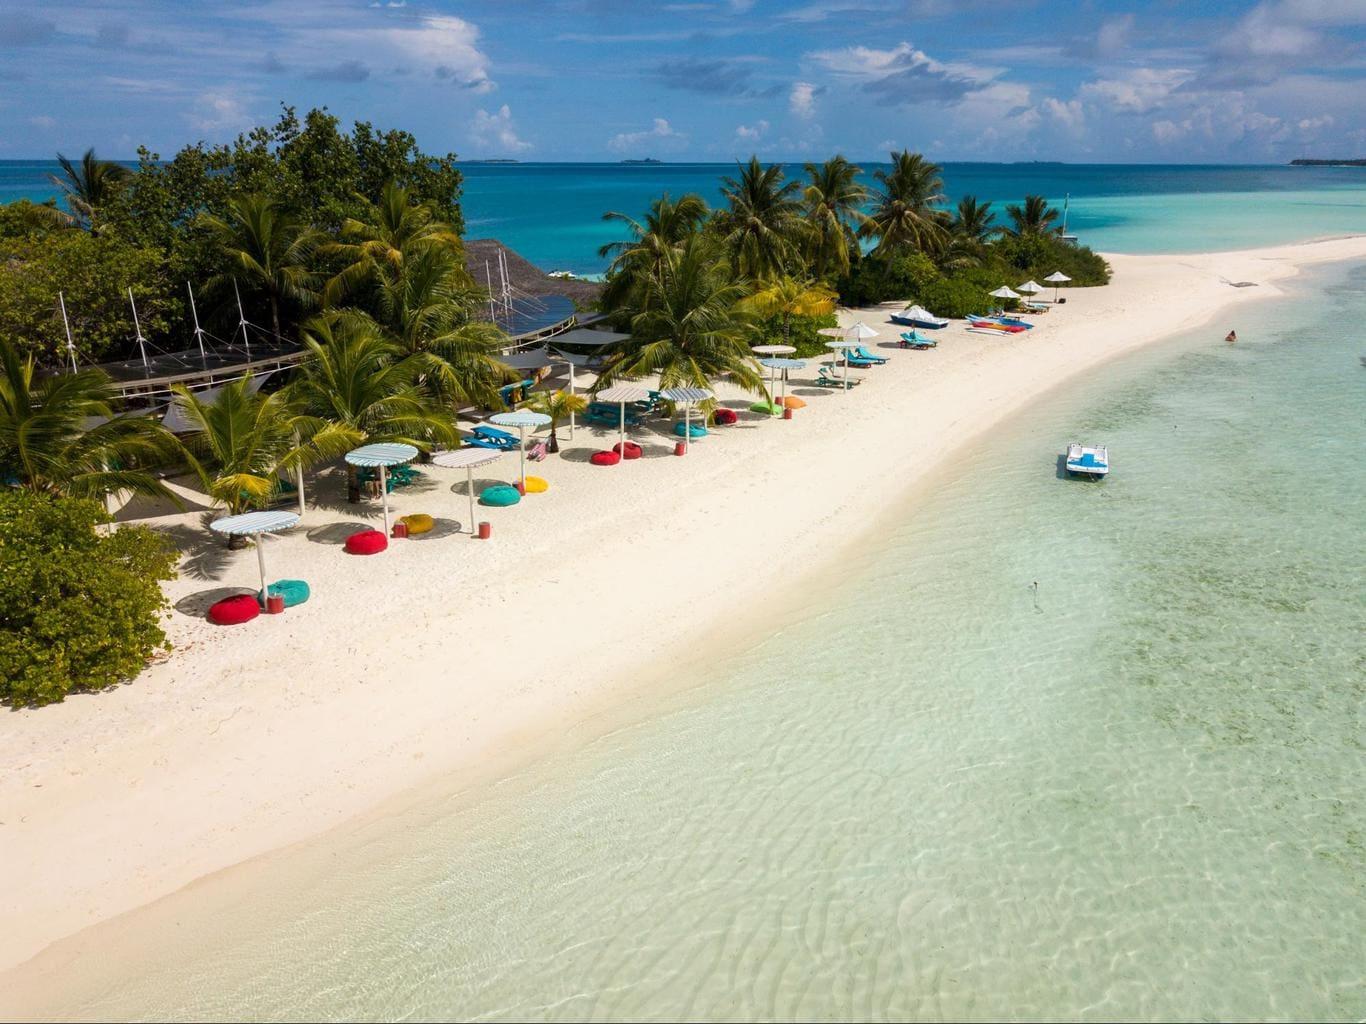 Lagoon Bar at LUX* Maldives